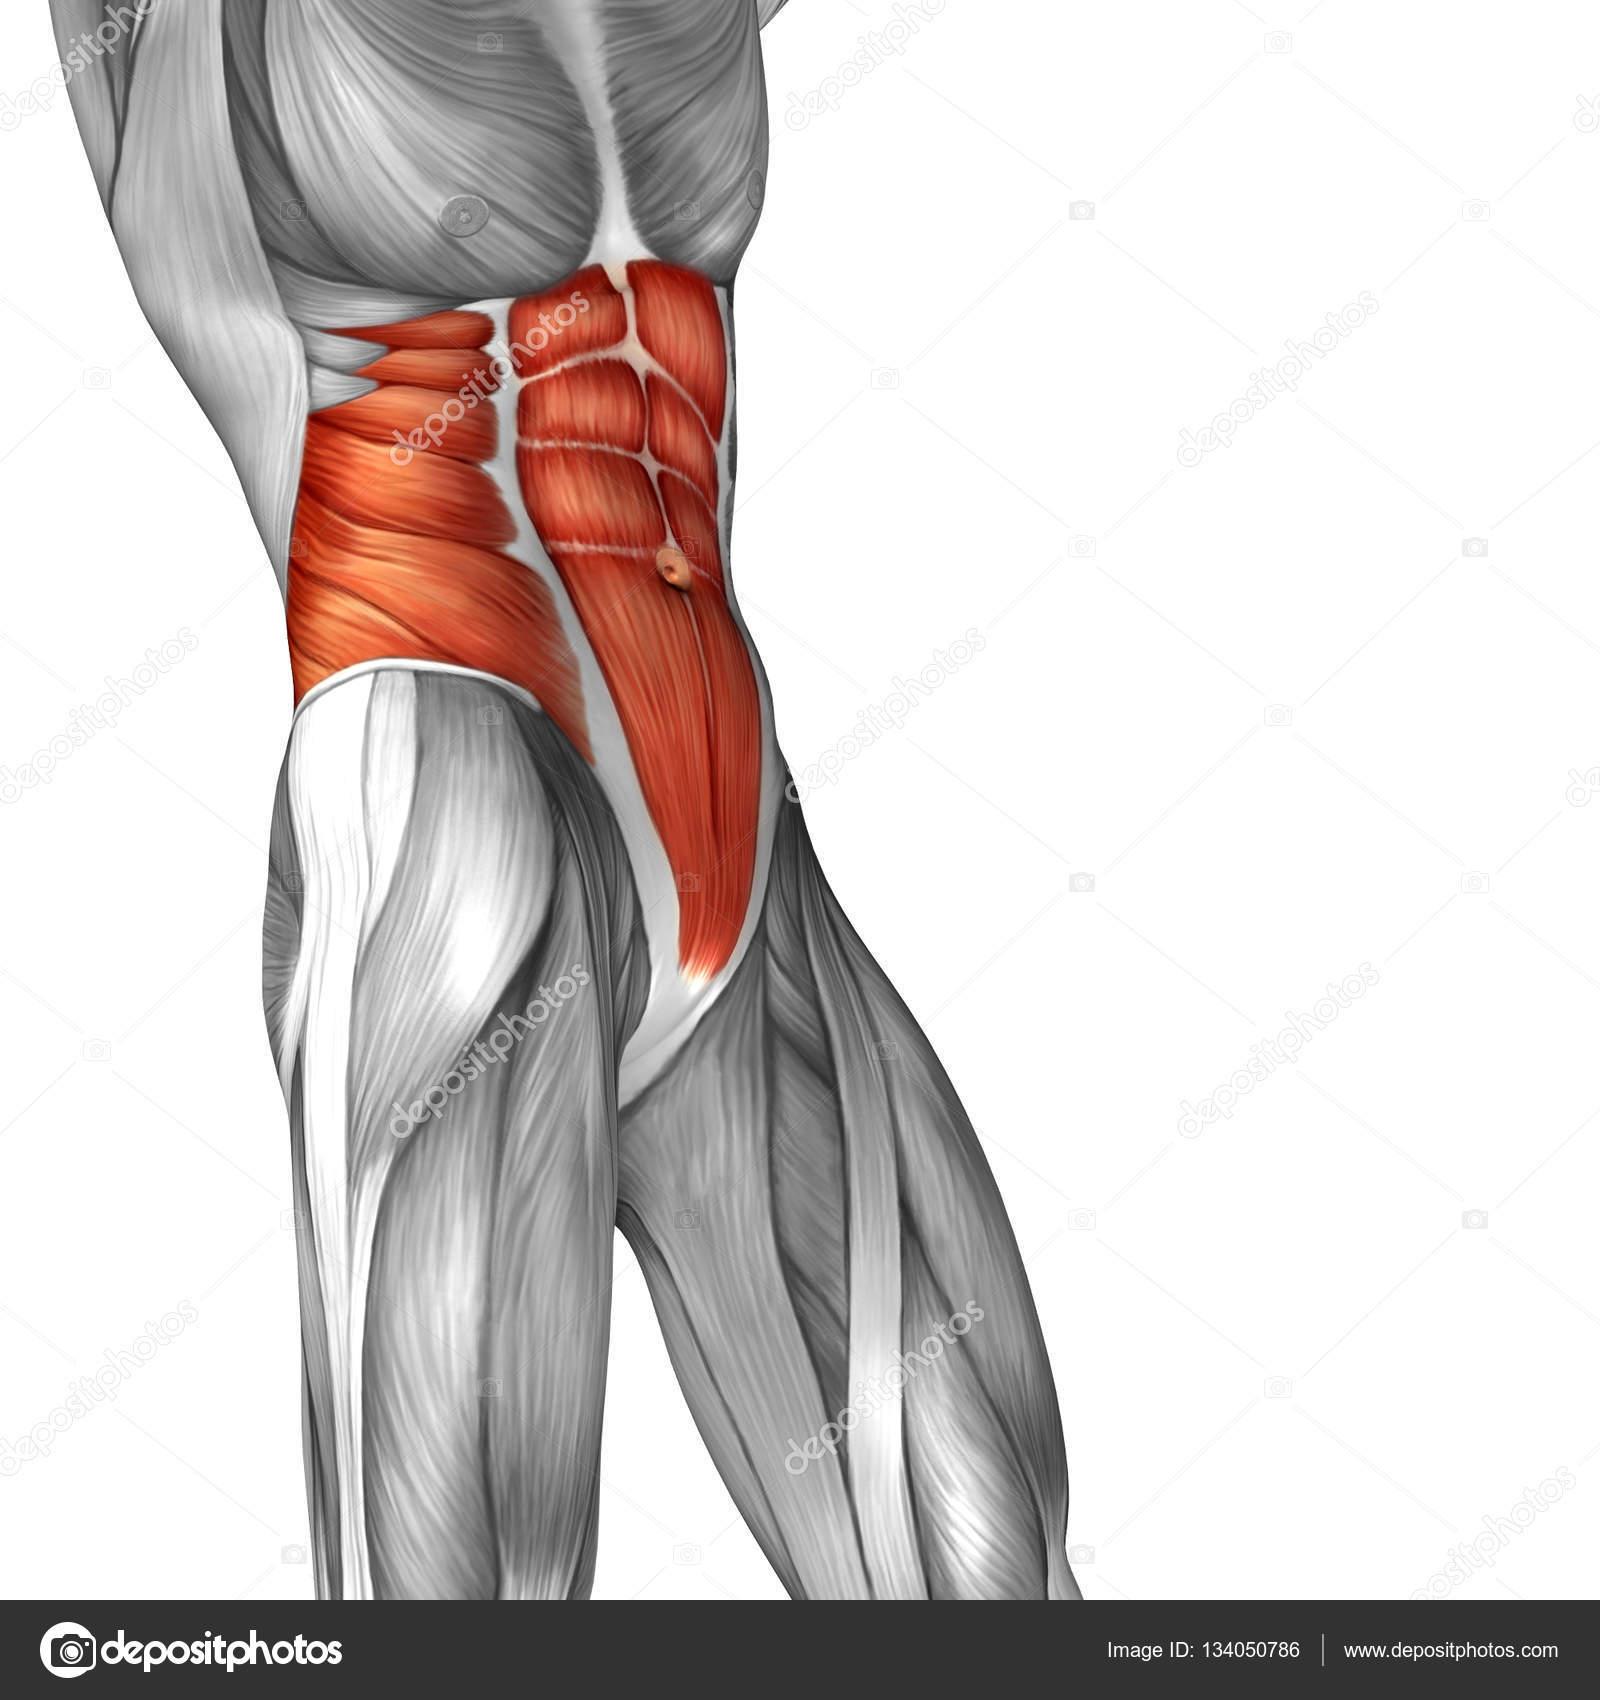 Músculos del abdomen humano — Fotos de Stock © design36 #134050786